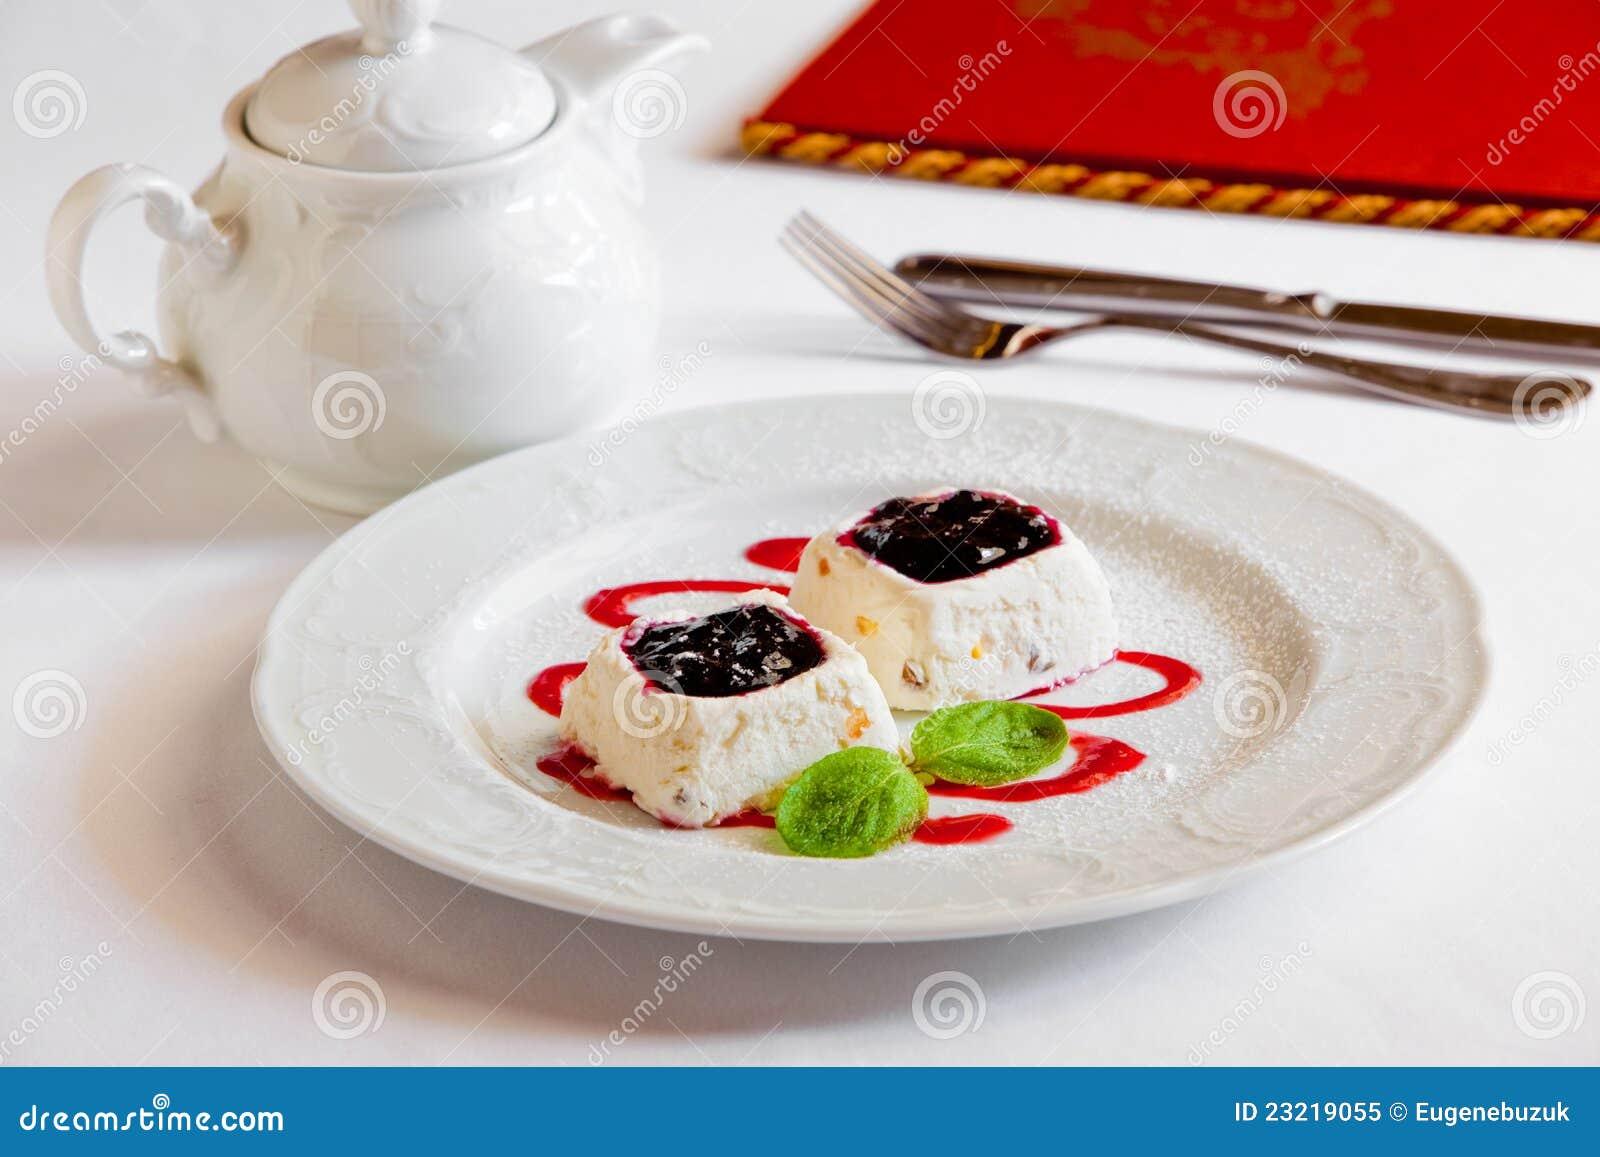 Dessert sur la table photo libre de droits image 23219055 for La table a dessert